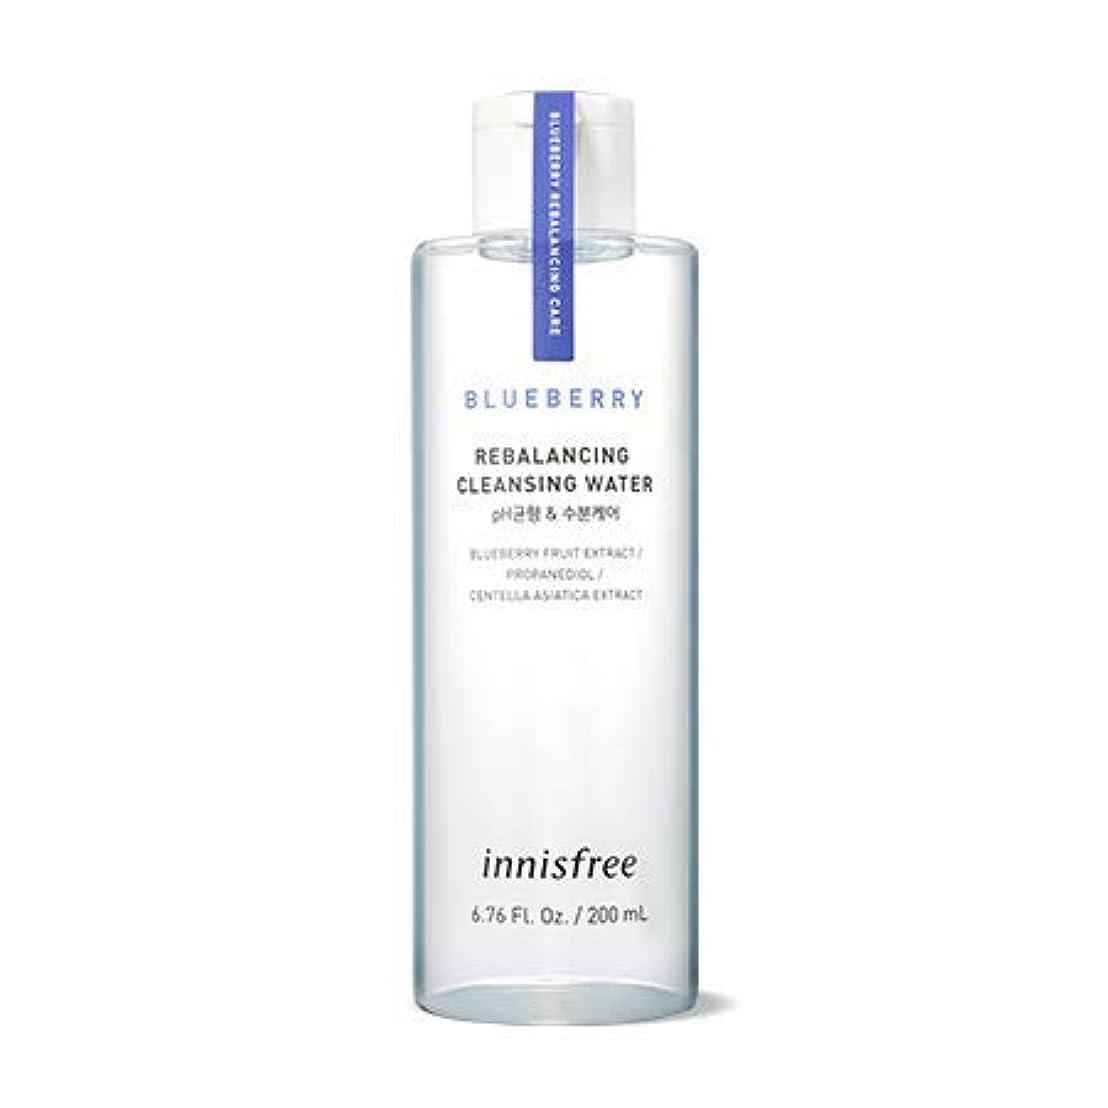 メナジェリーおめでとう打たれたトラック[イニスフリー.innisfree]ブルーベリーリバランシングクレンジングウォーター200mL(2019新発売)/ Blueberry Rebalancing Cleansing Water